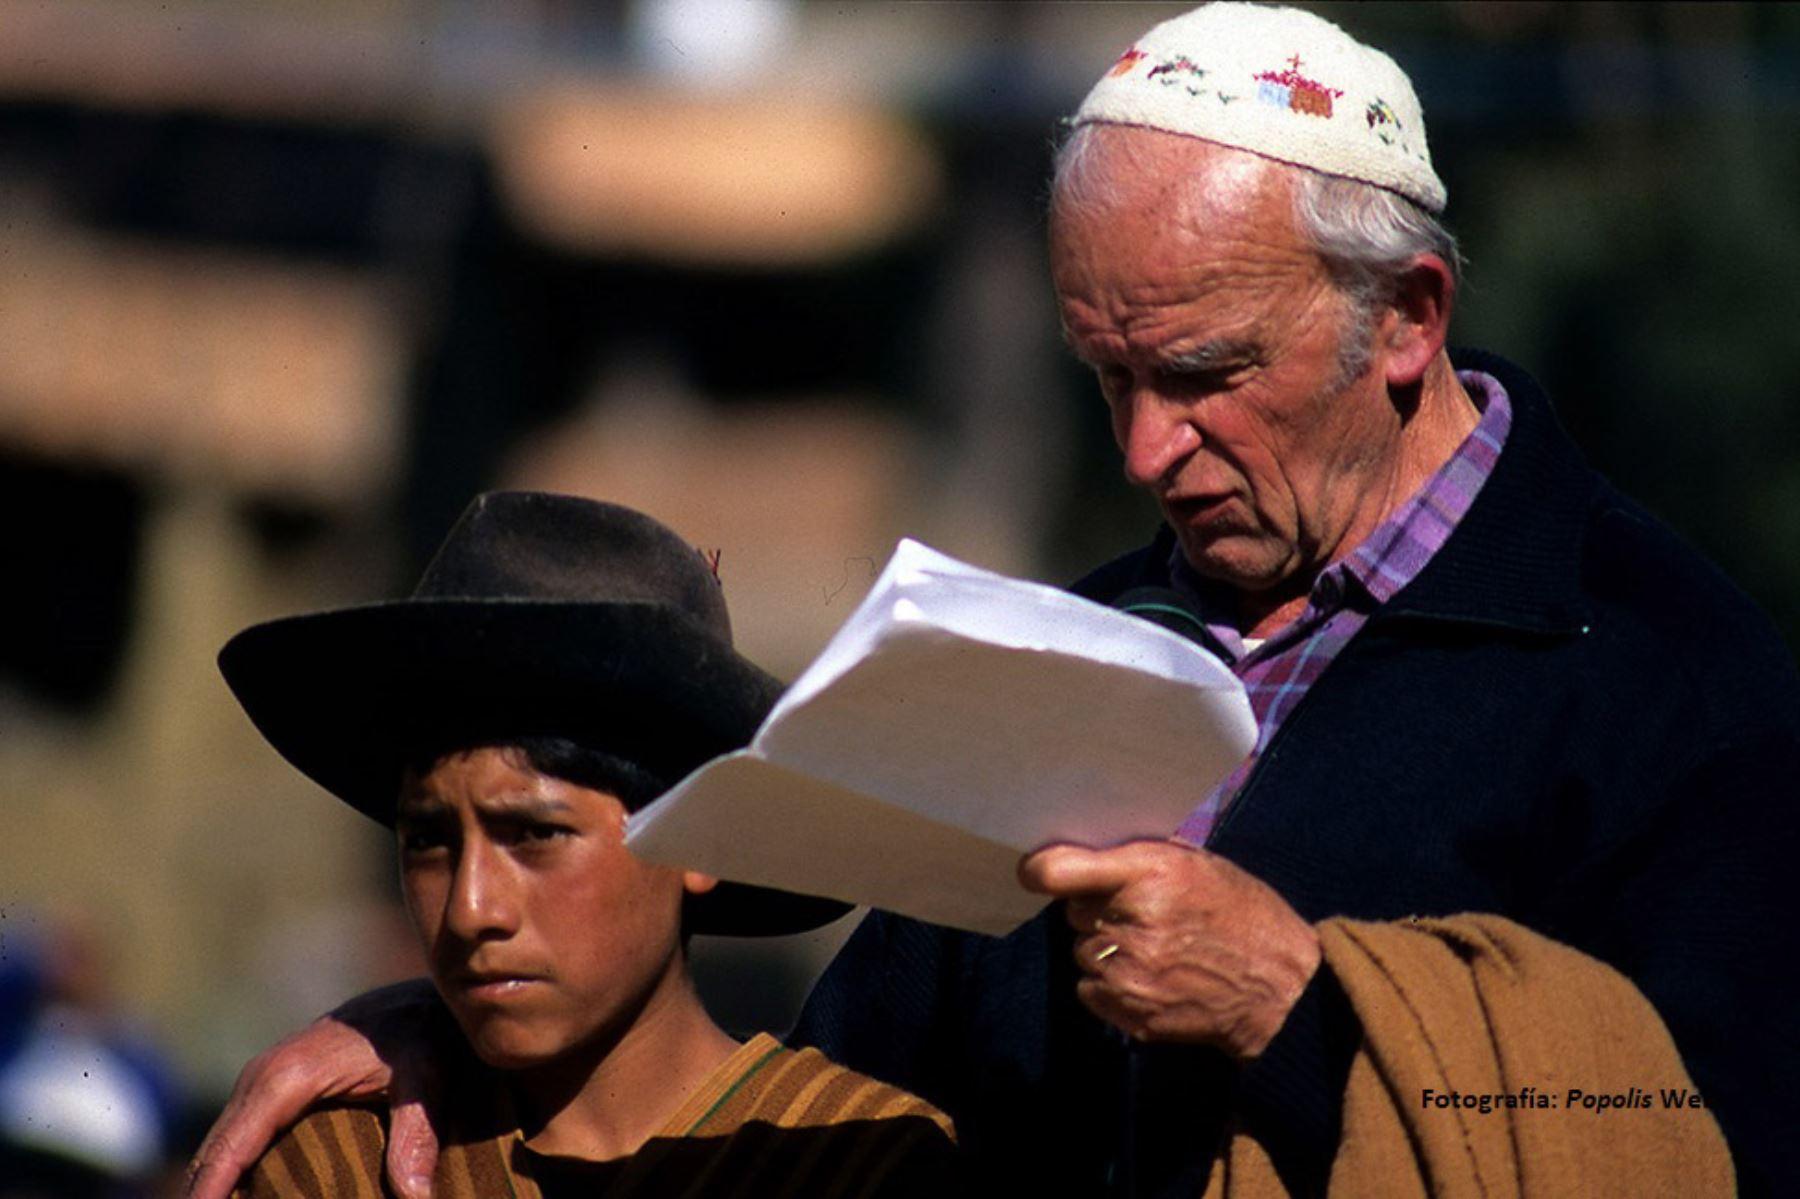 Lamentan muerte del sacerdote italiano Ugo de Censi. Foto: Cortesía: Popolis Web: https://www.popolis.it